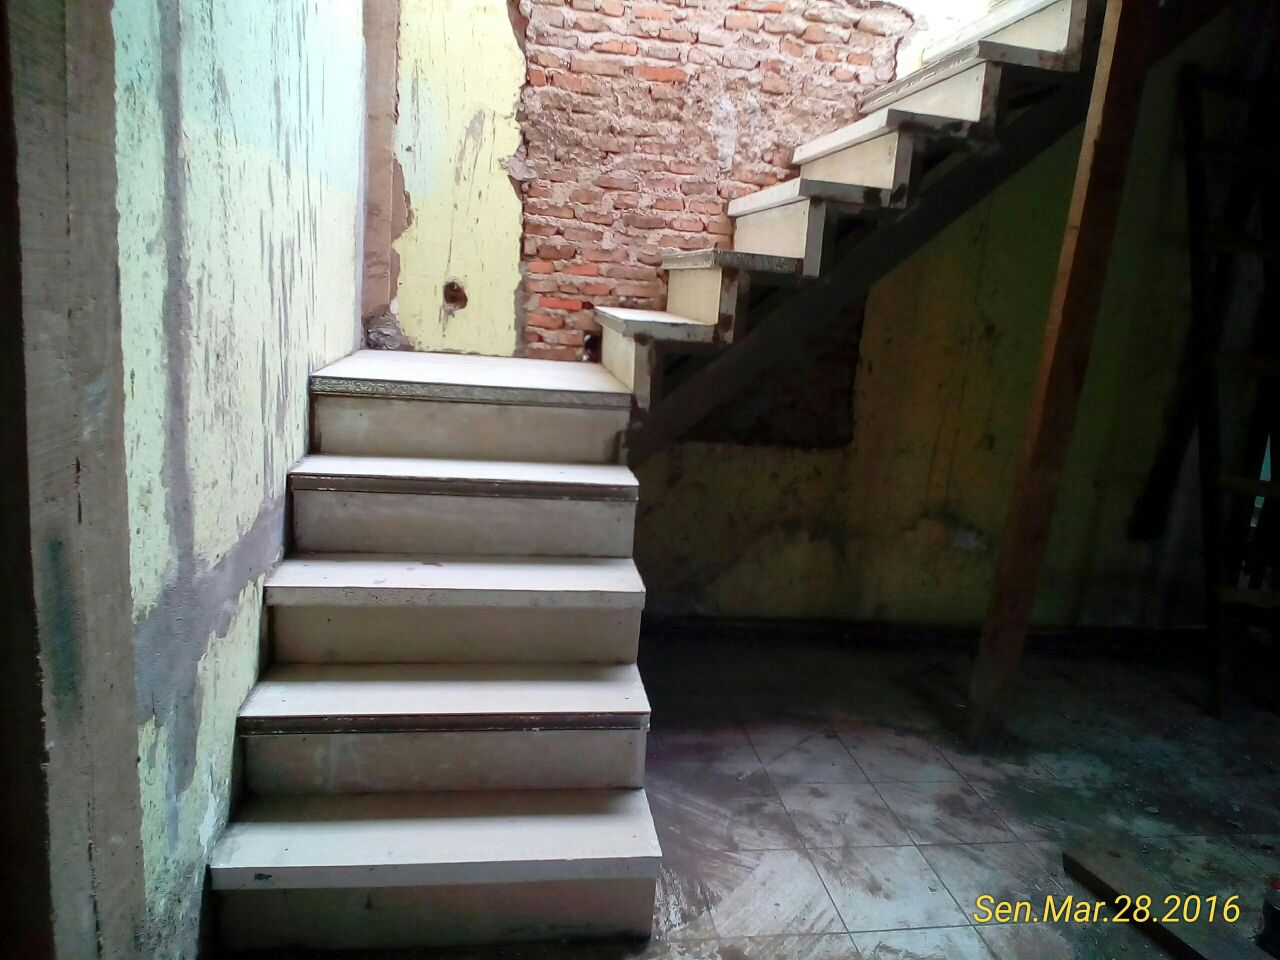 panel beton, tangga, beton ringan, stairs, depanel